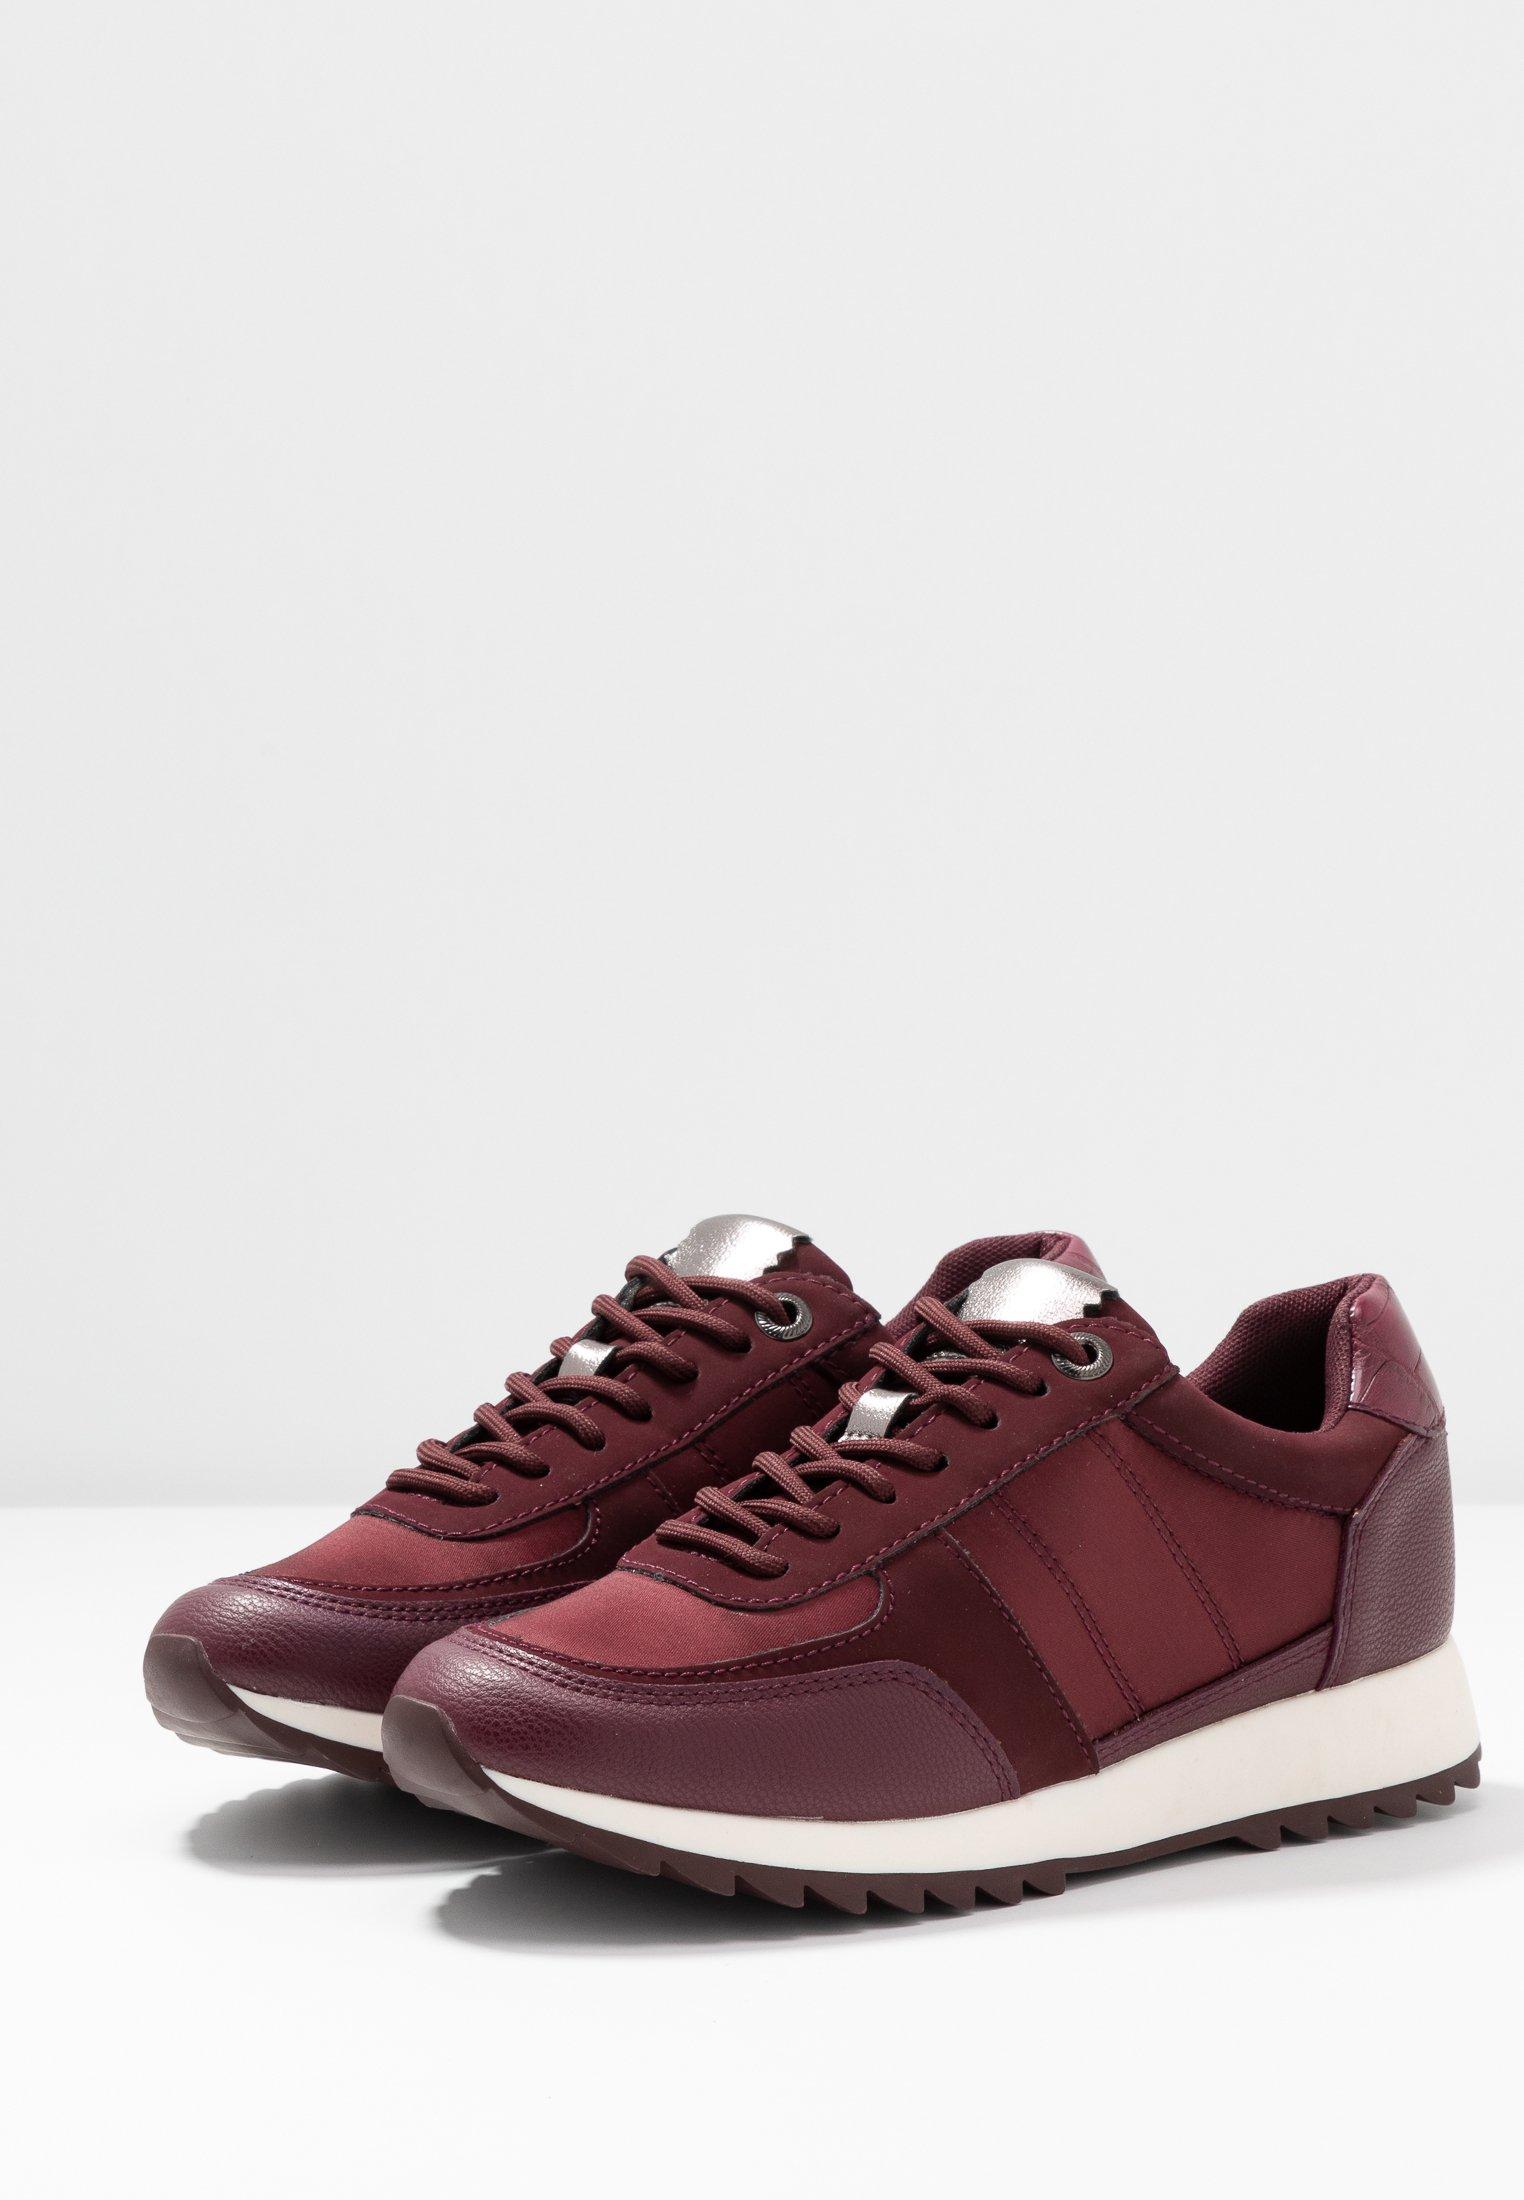 Parfois Parfois Basse Sneakers Bordeaux Sneakers Basse Parfois Basse Bordeaux Parfois Bordeaux Sneakers 7b6gfy